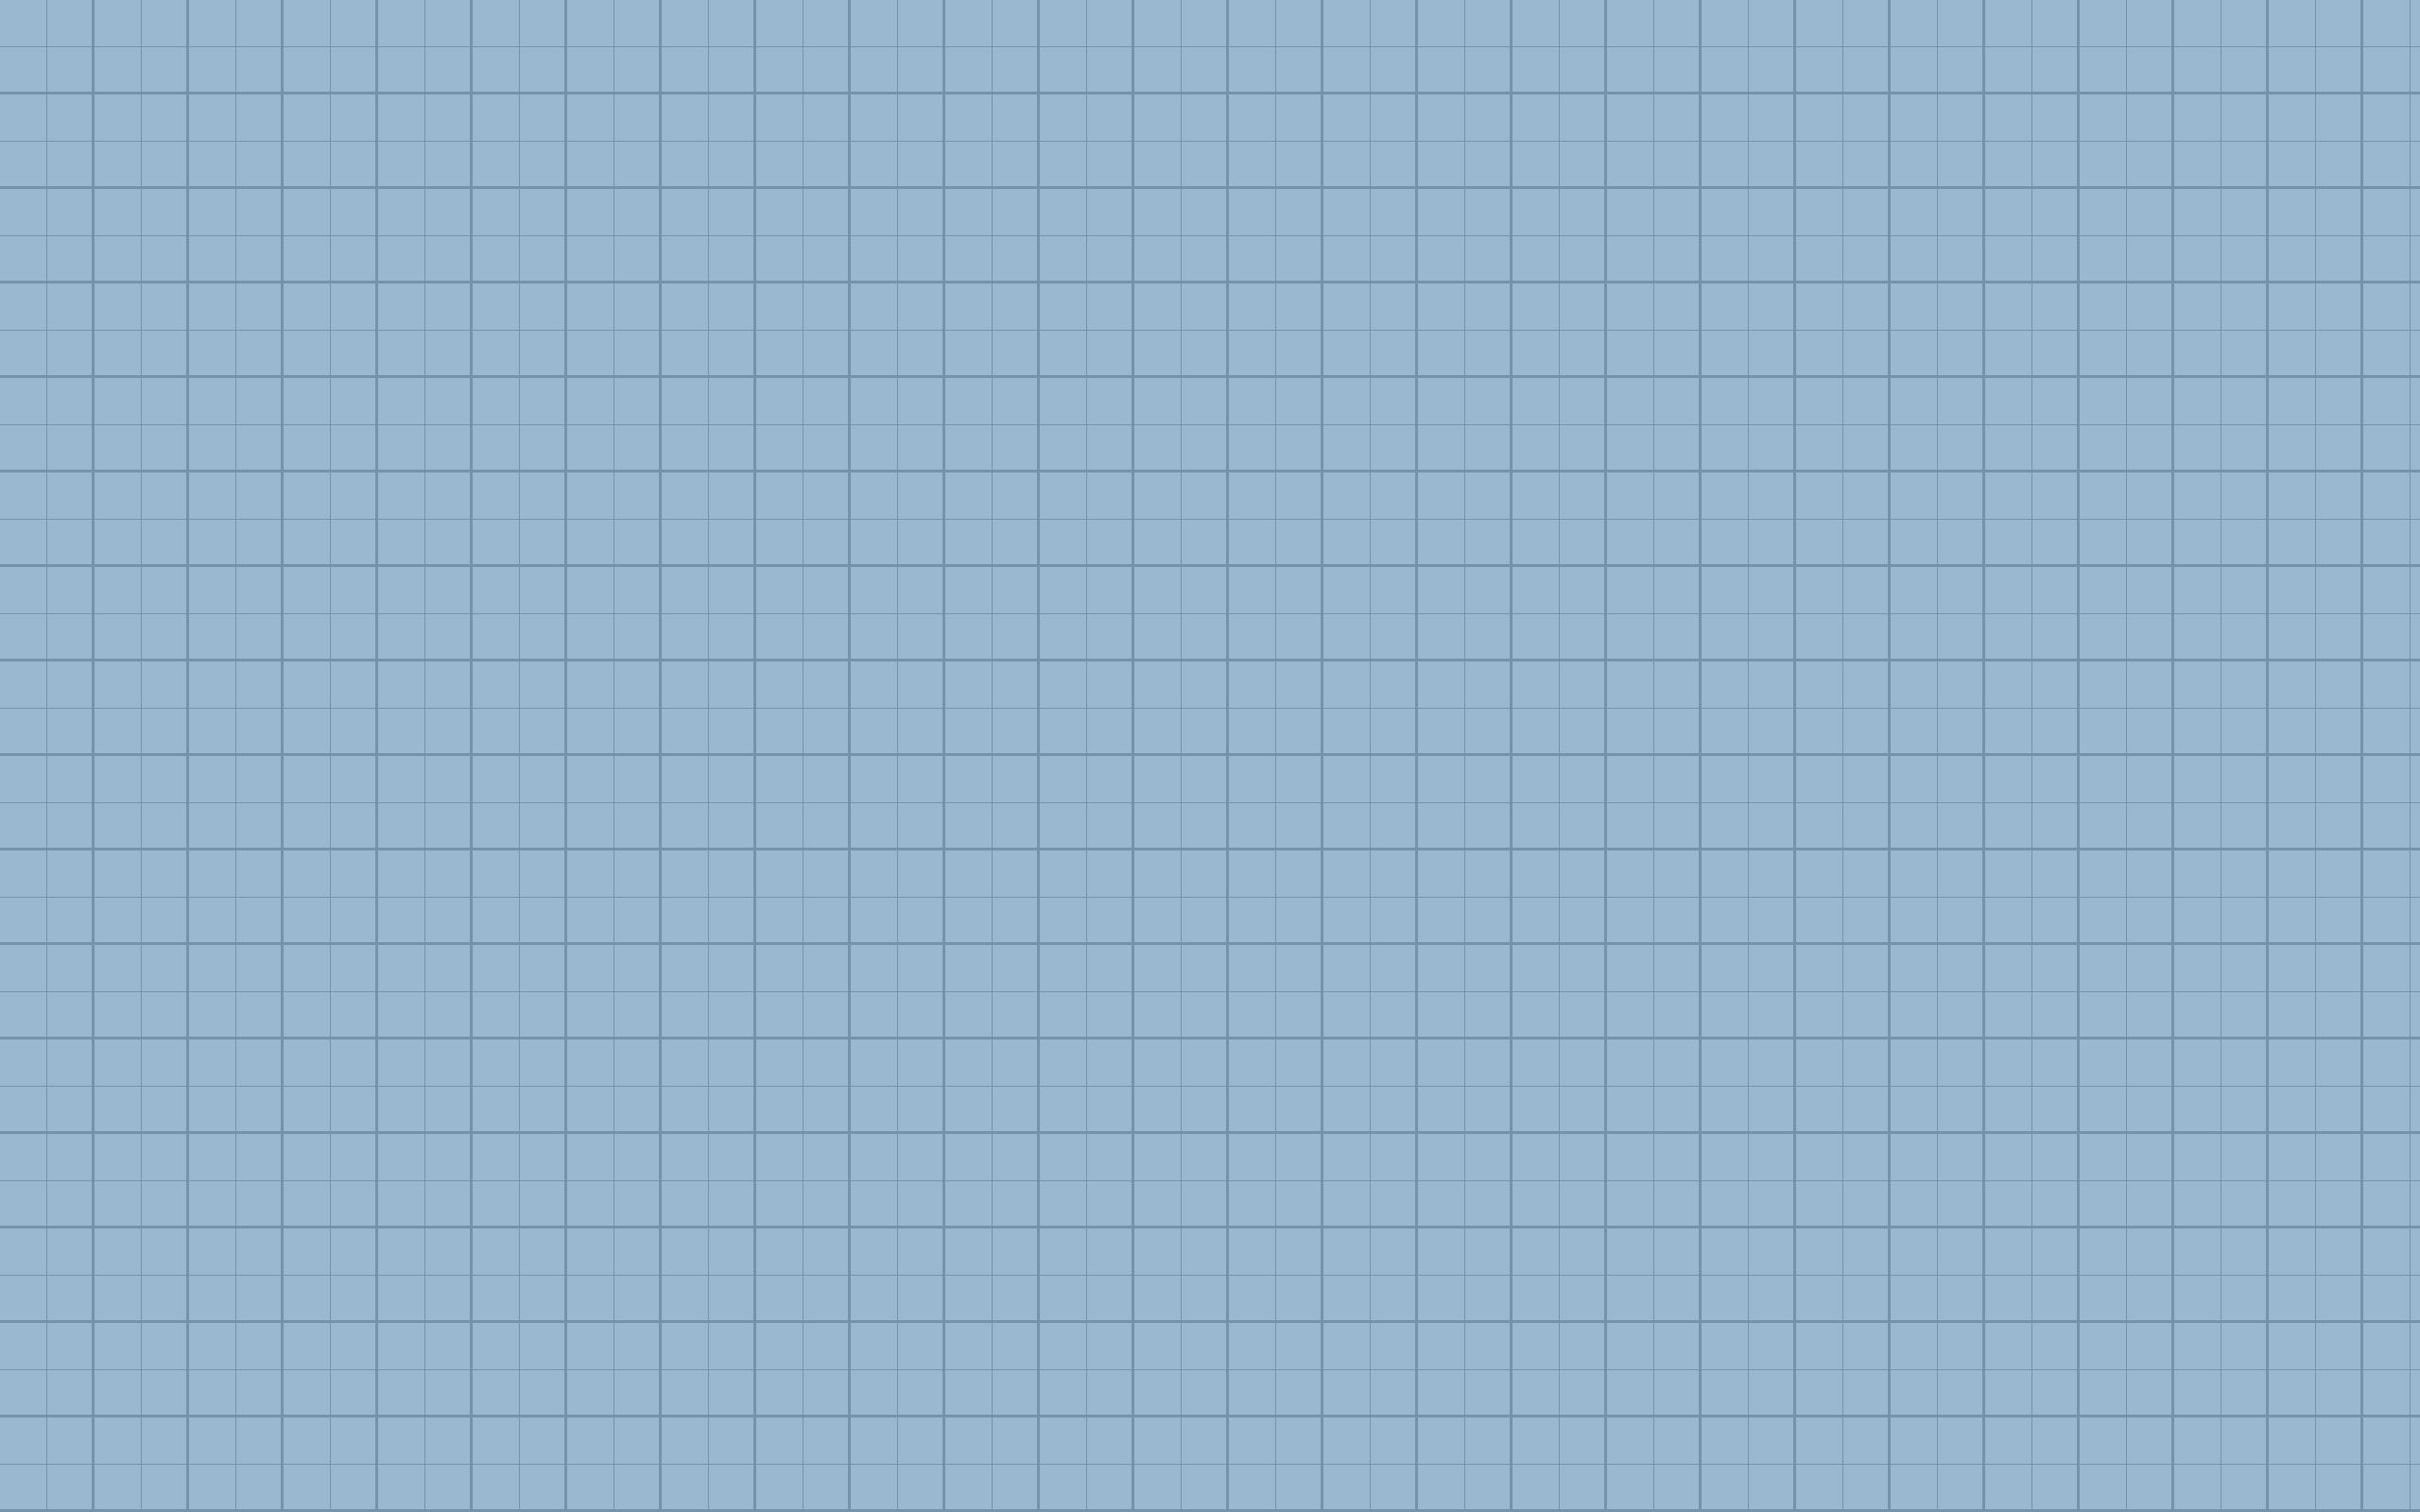 Grid - Minimal Desktop Wallpaper